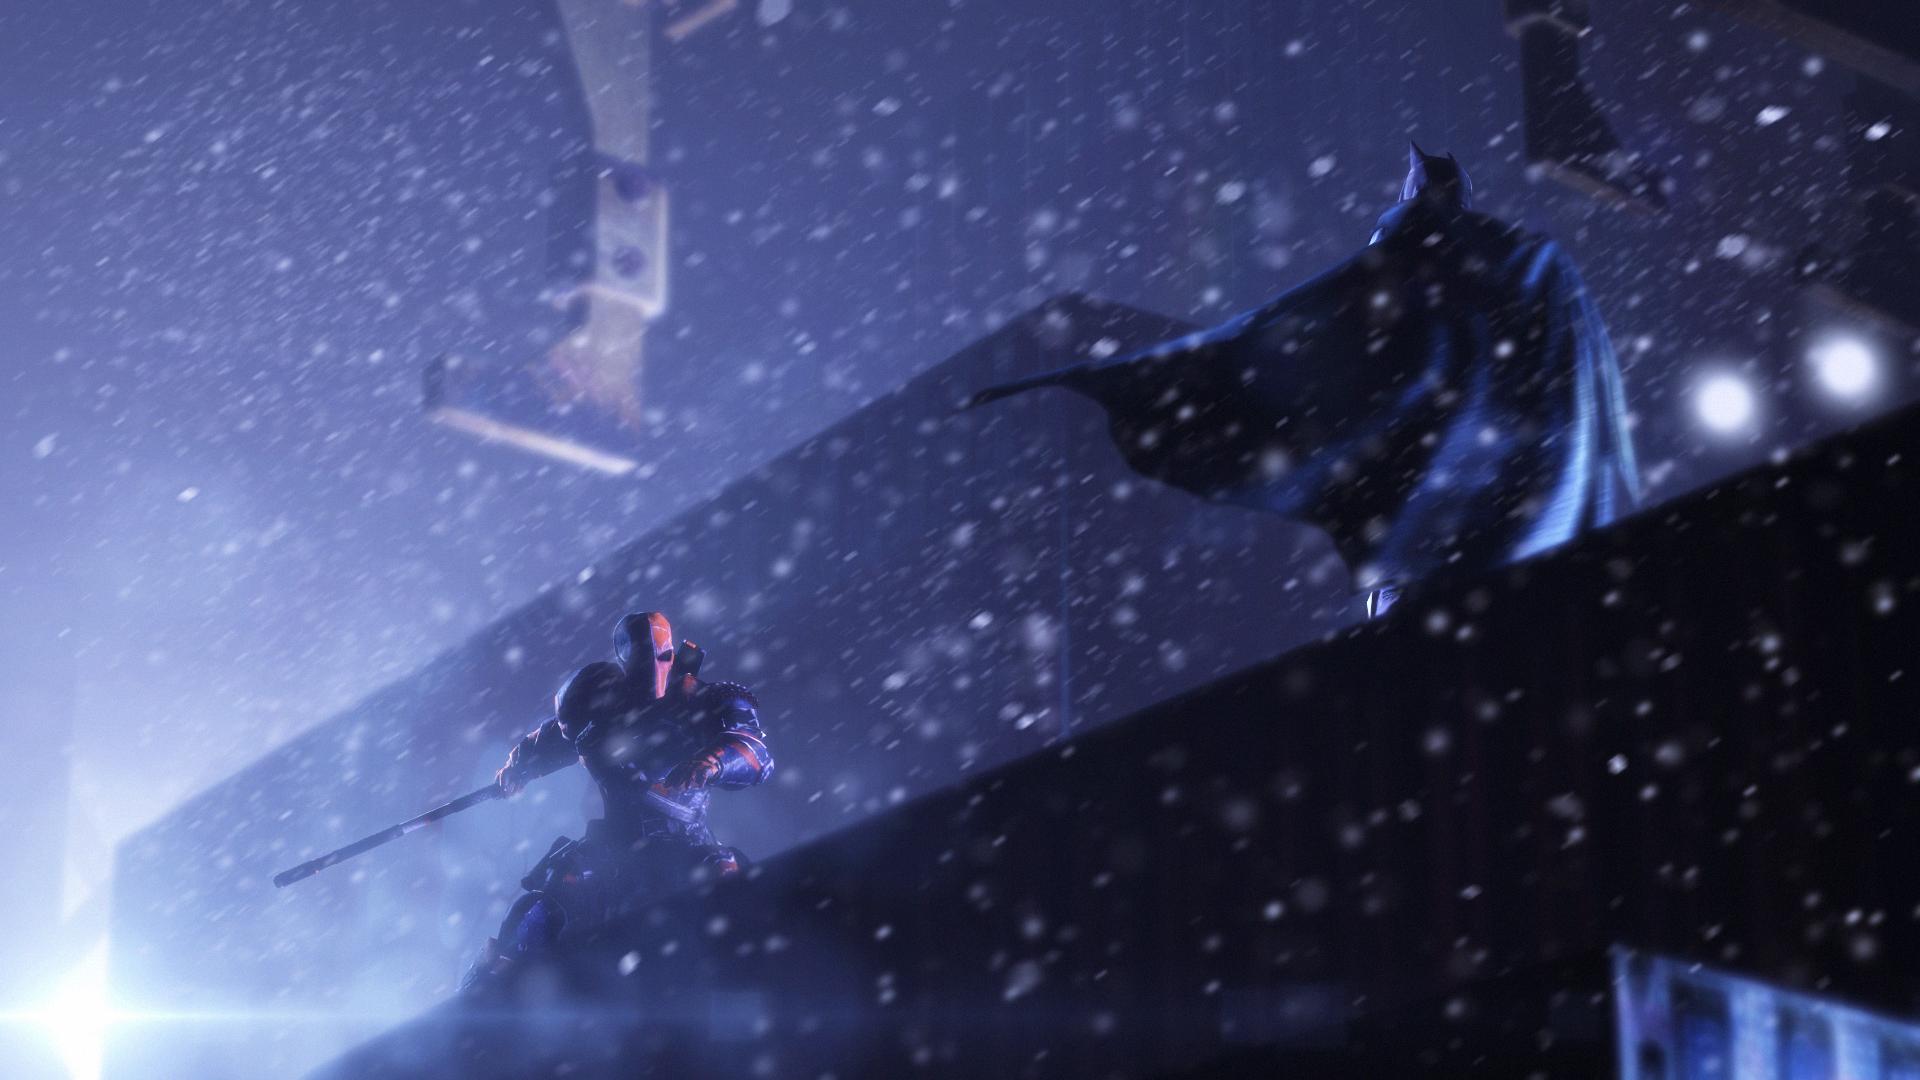 Batman By Rammkap Deathstroke Vs